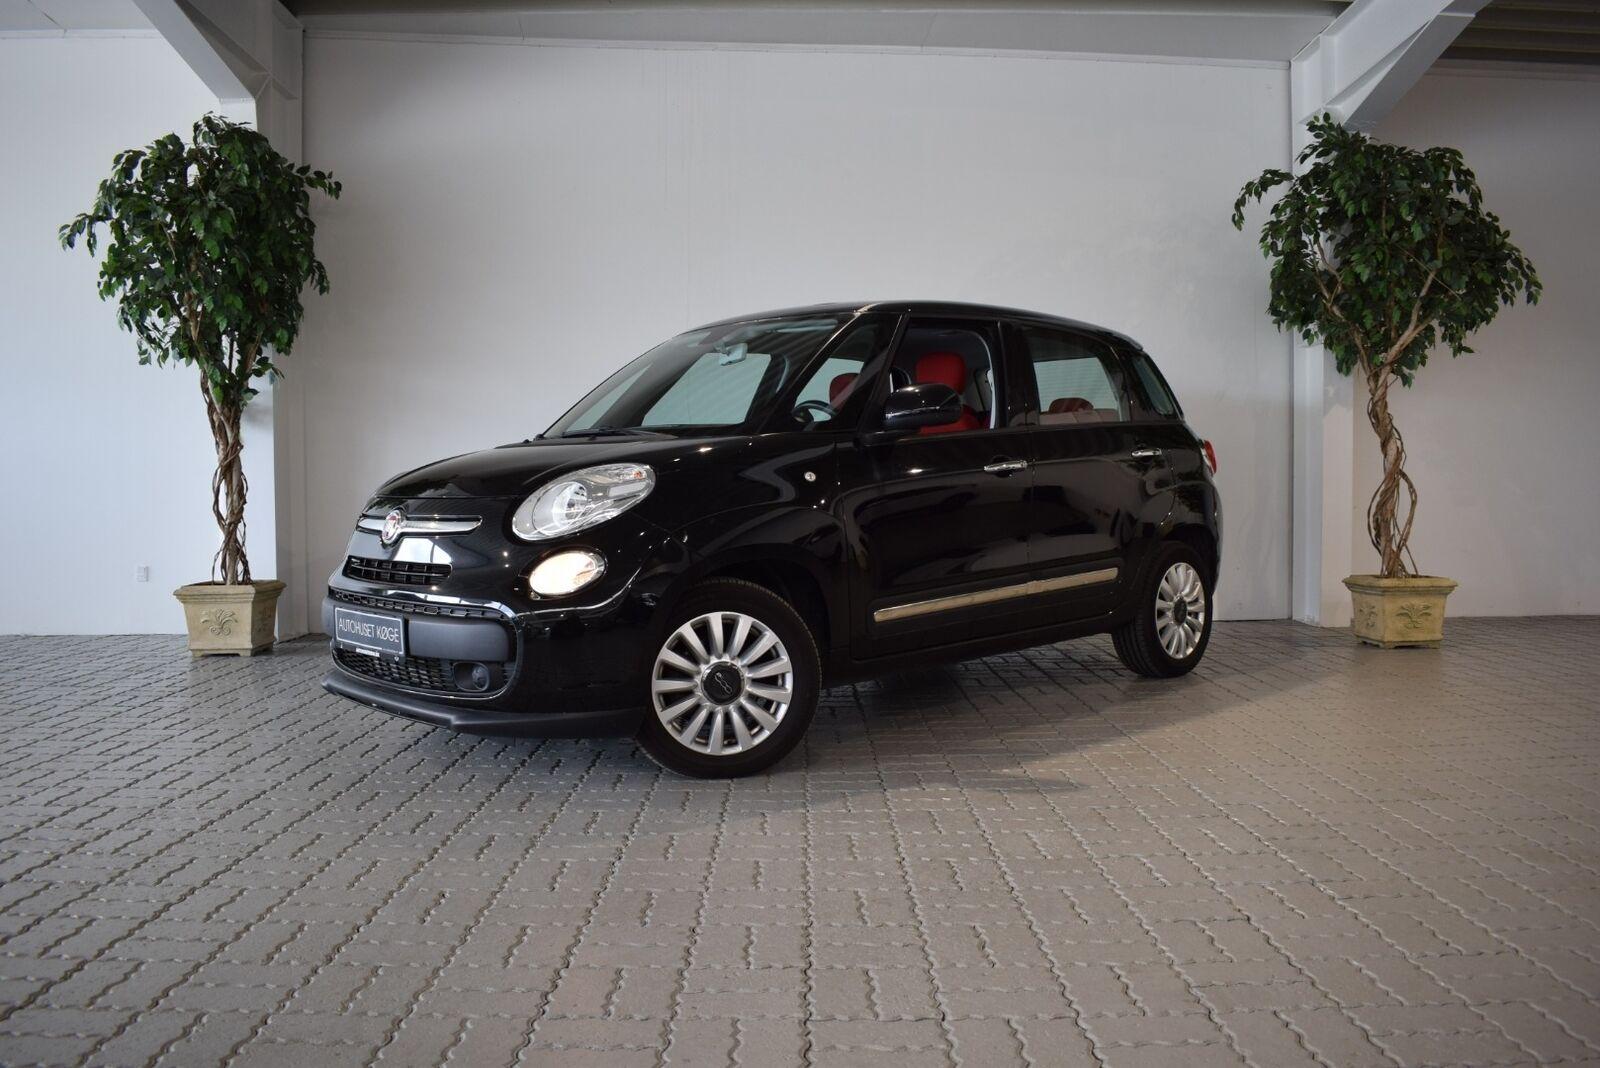 Fiat 500L 1,3 MJT 85 Popstar 5d - 99.900 kr.